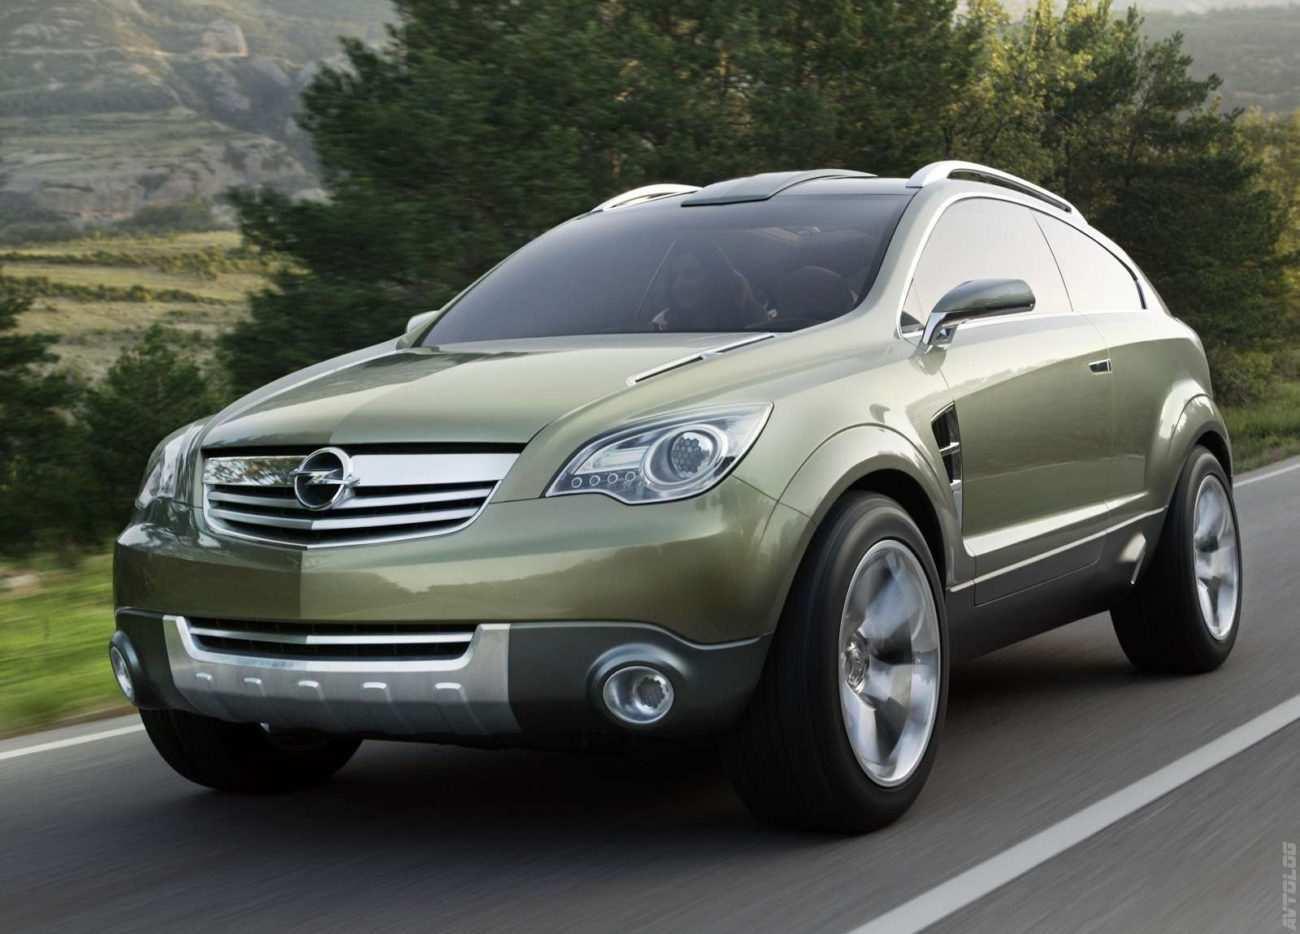 17 The Opel Antara 2019 New Concept by Opel Antara 2019